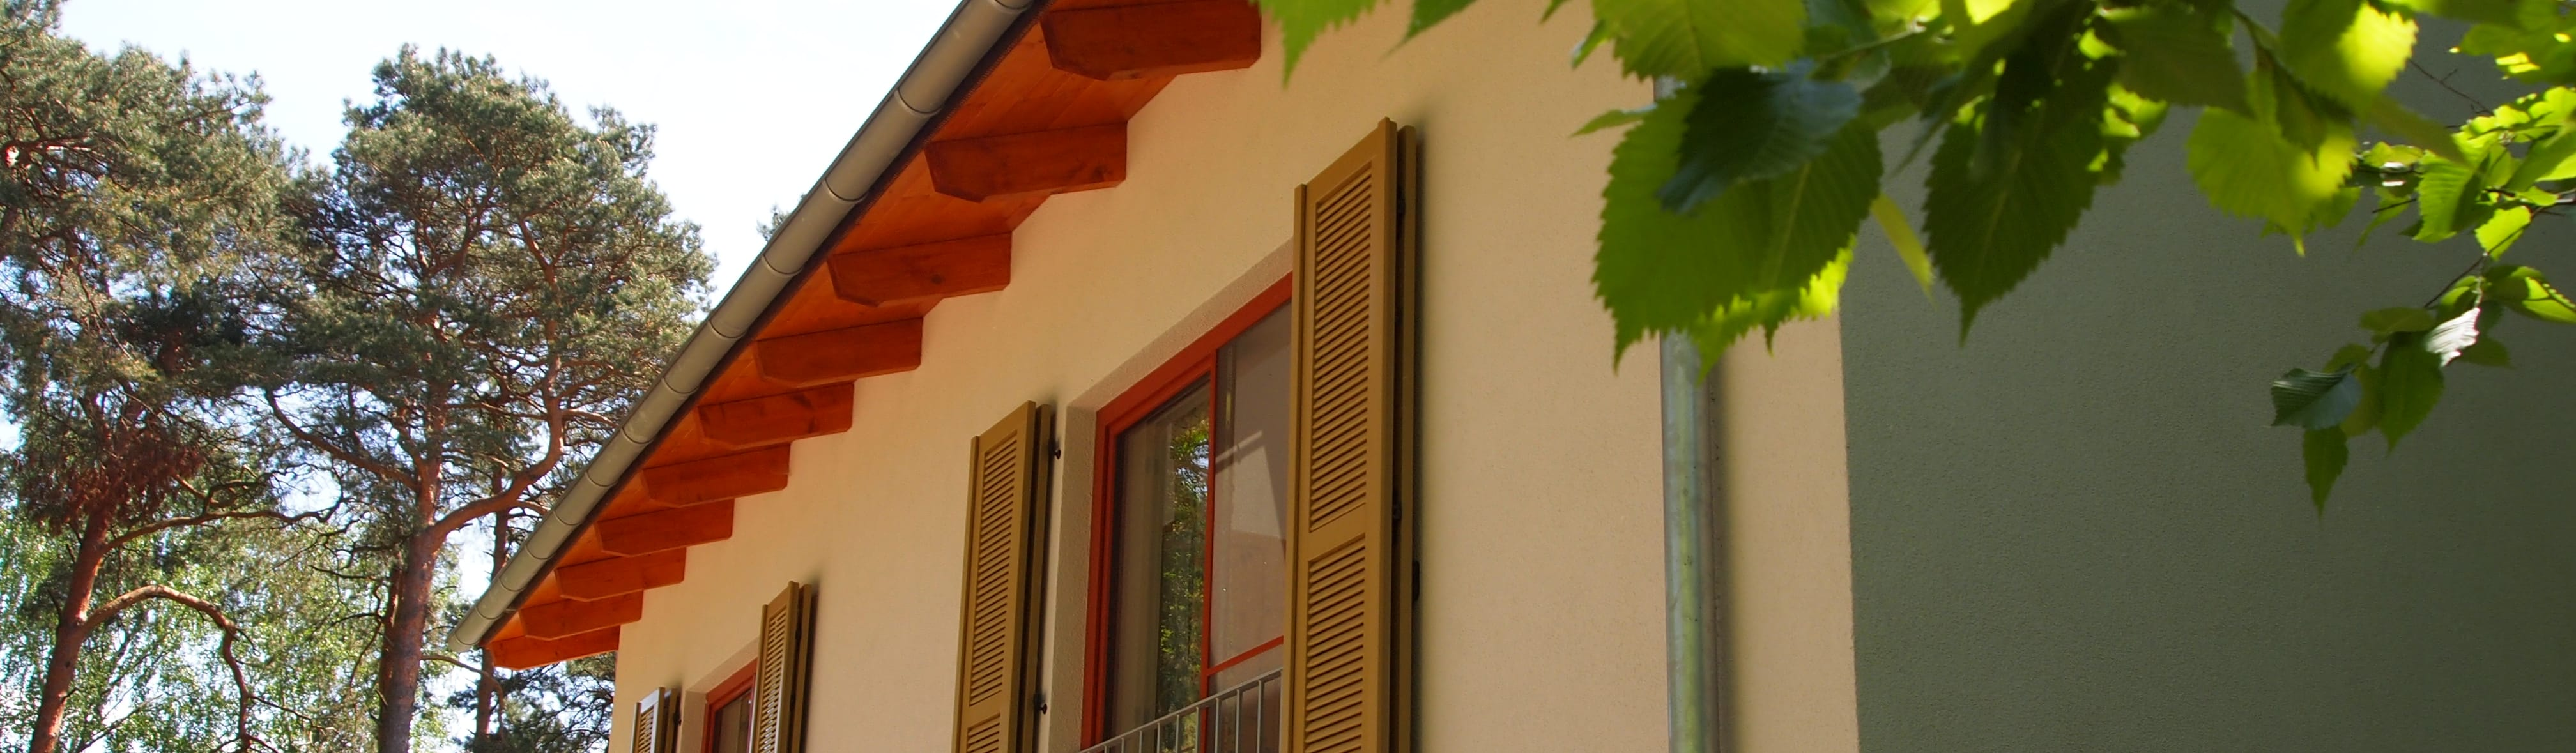 ziegelhaus mit atrium hausbau architekt. Black Bedroom Furniture Sets. Home Design Ideas